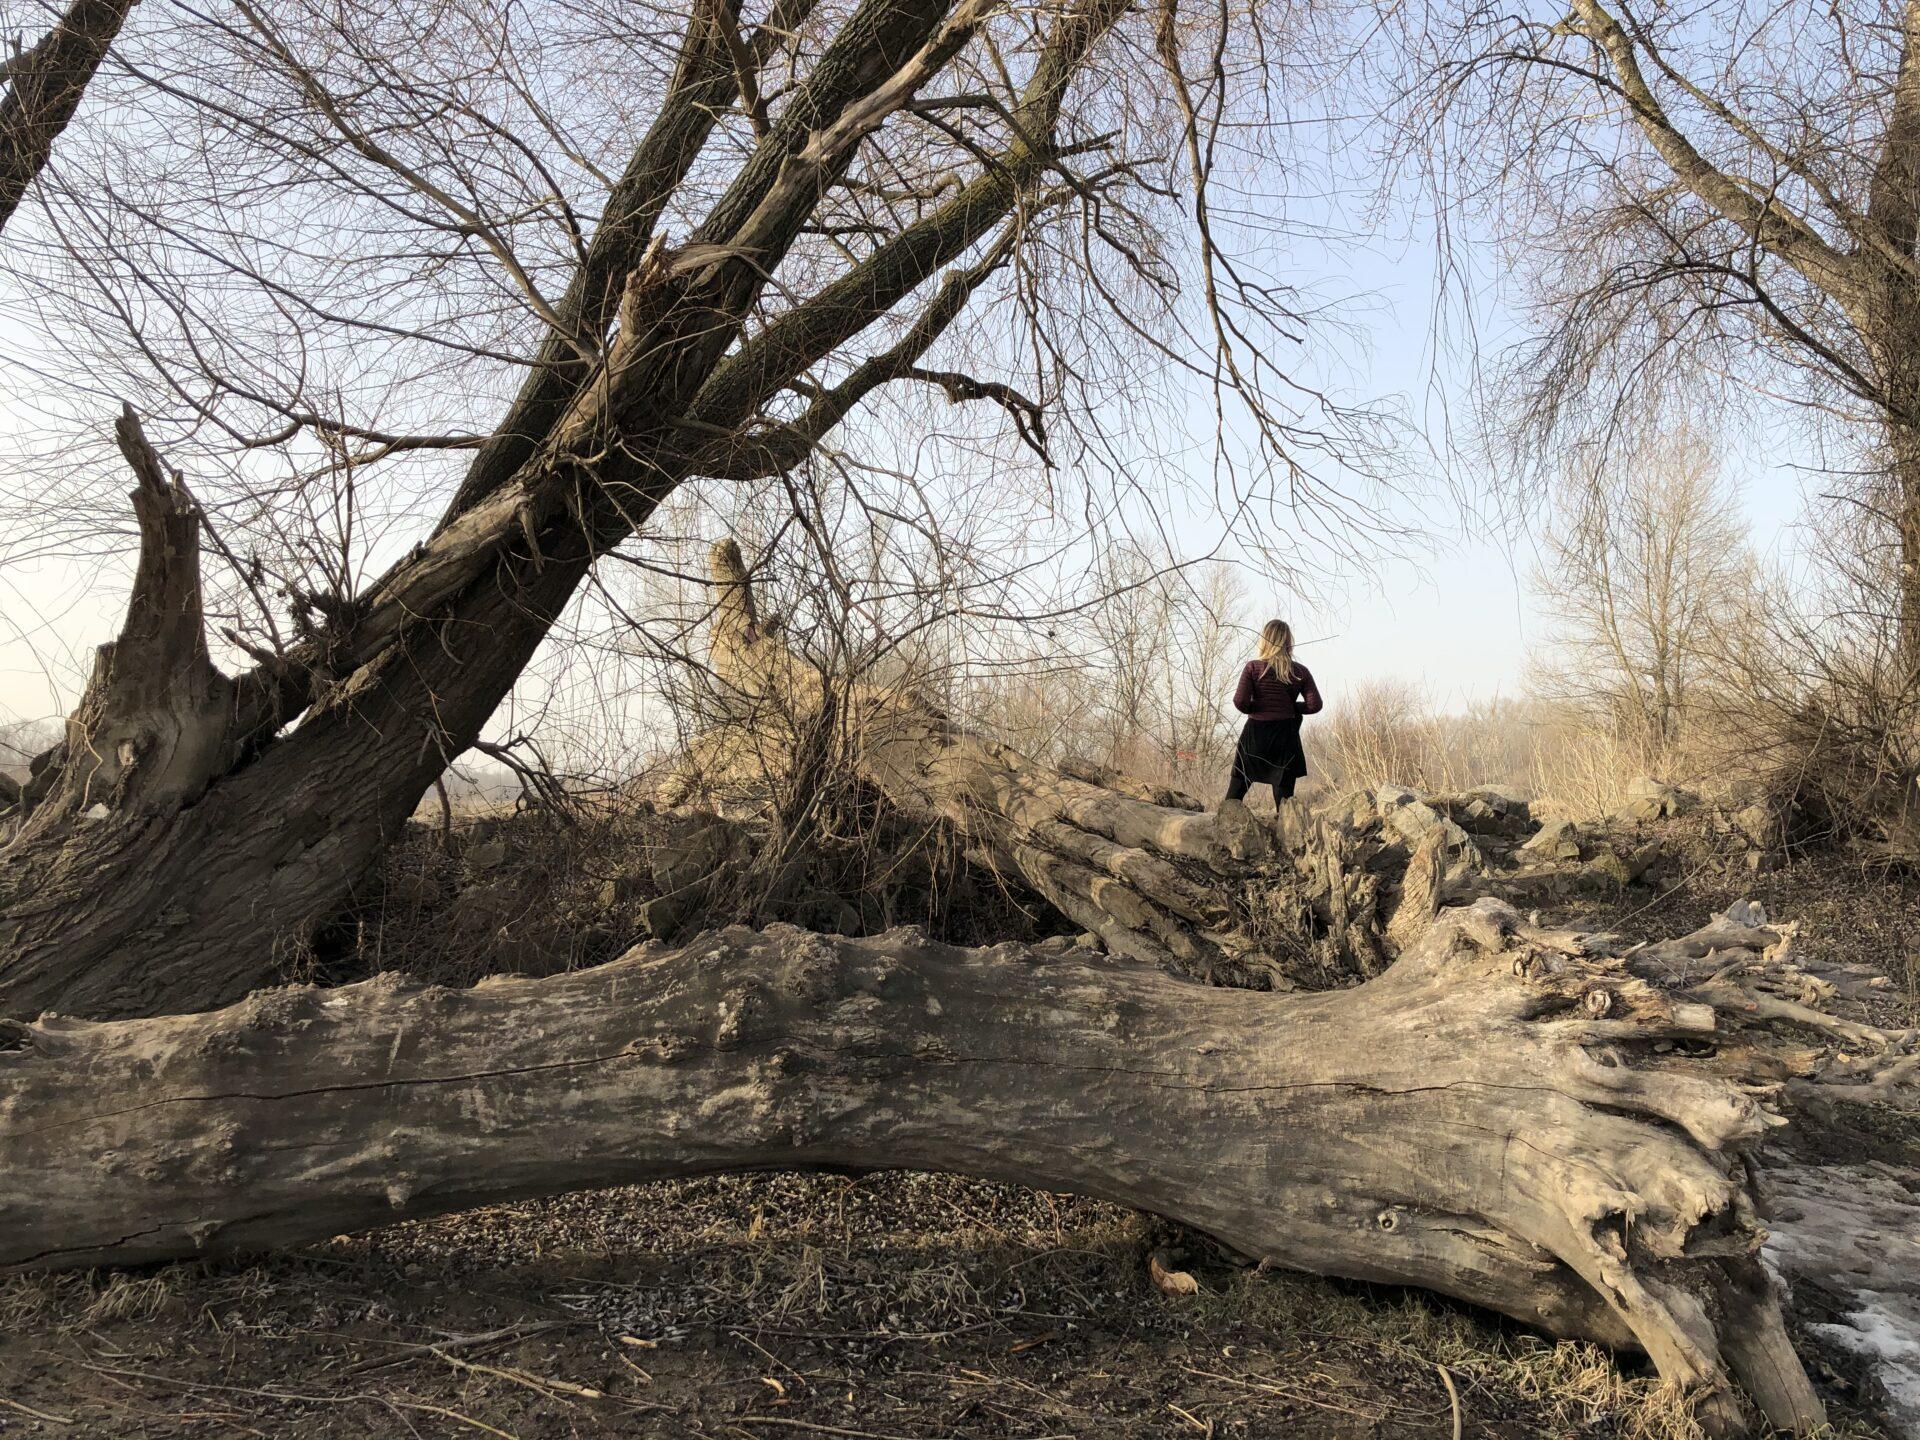 Zdjęcie. Nazewnątrz odwrócona tyłem kobieta pośród przewalonych drzew.